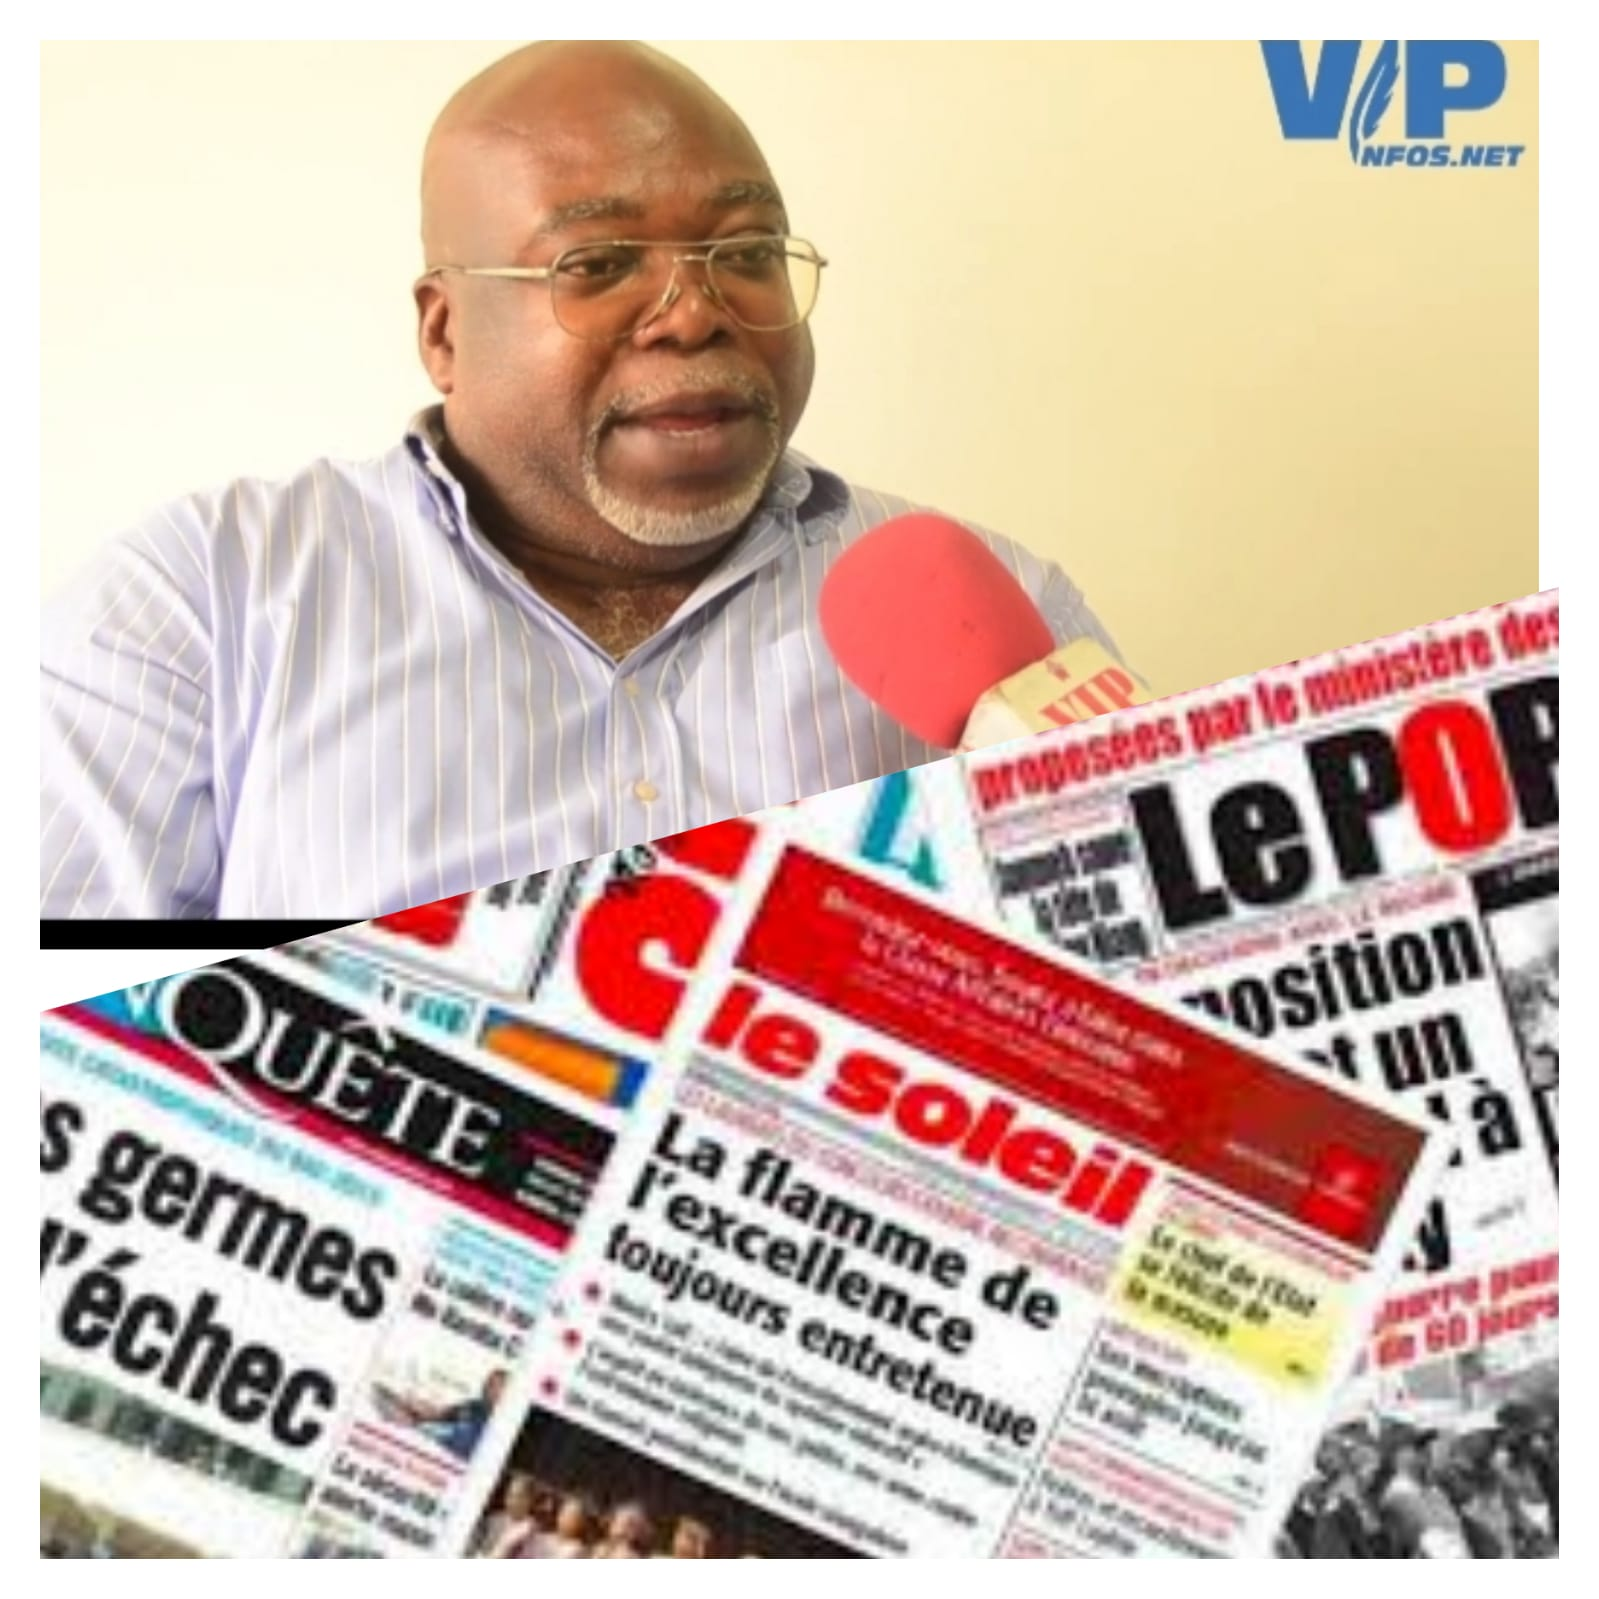 Affaires du manager de Viviane Djidiak,Diop Iseg et Dieyna, Moustapha Goudiaby Pdt des manager dénonce l'ingratitude de certains groupes de presse de ne pas le soutenir